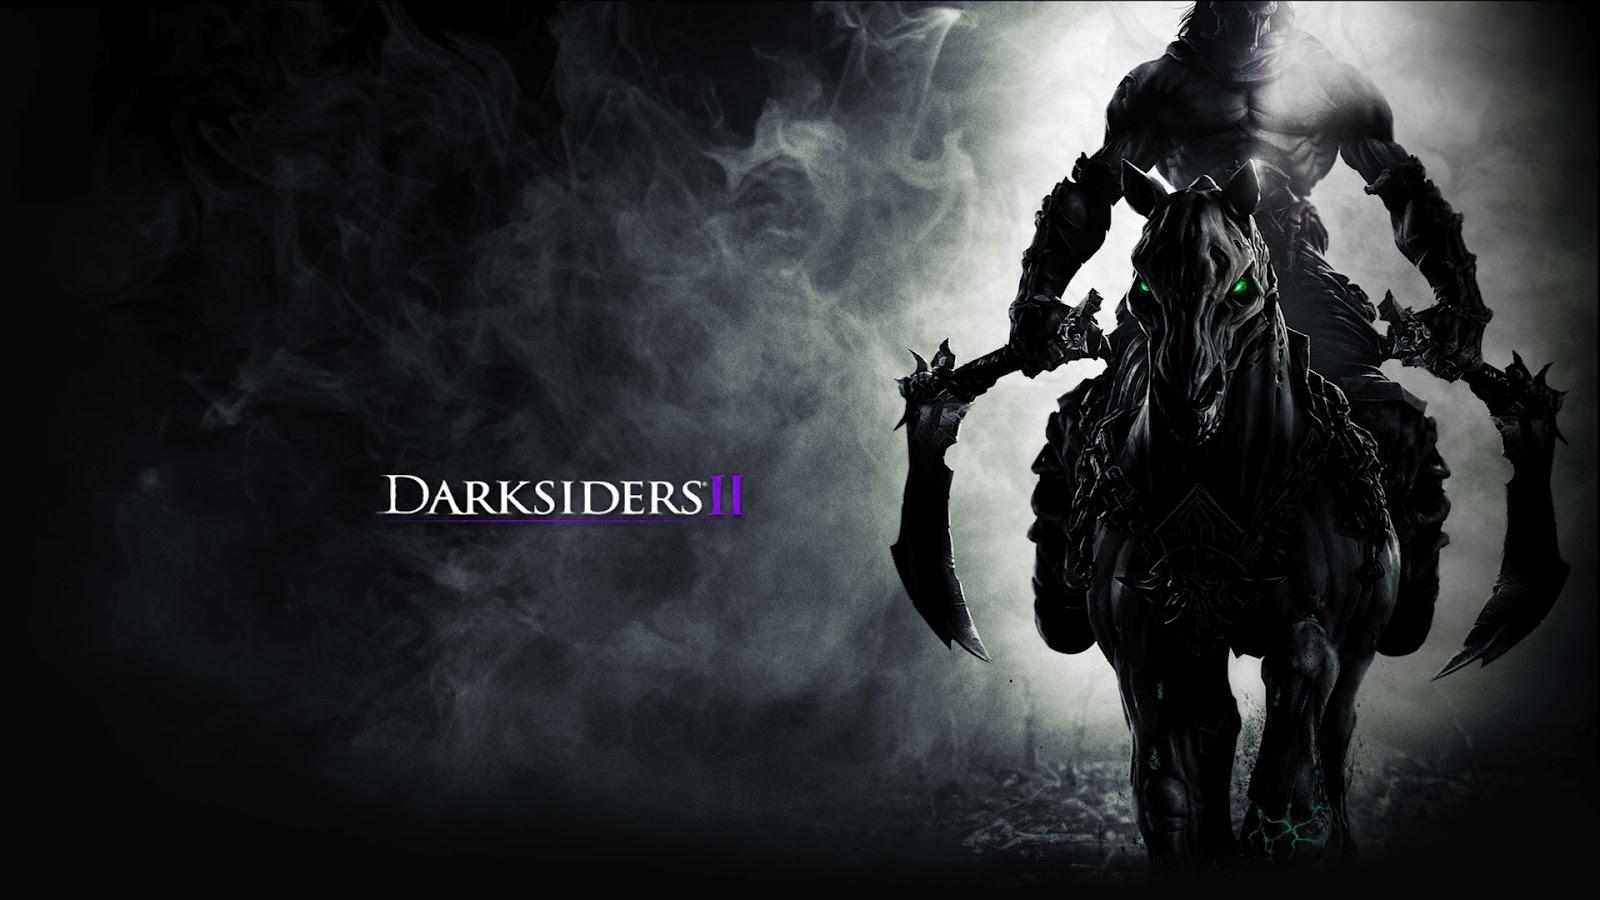 Darksiders 2 Death Rides HD Wallpaper 1080p   HD Dock 1600x900